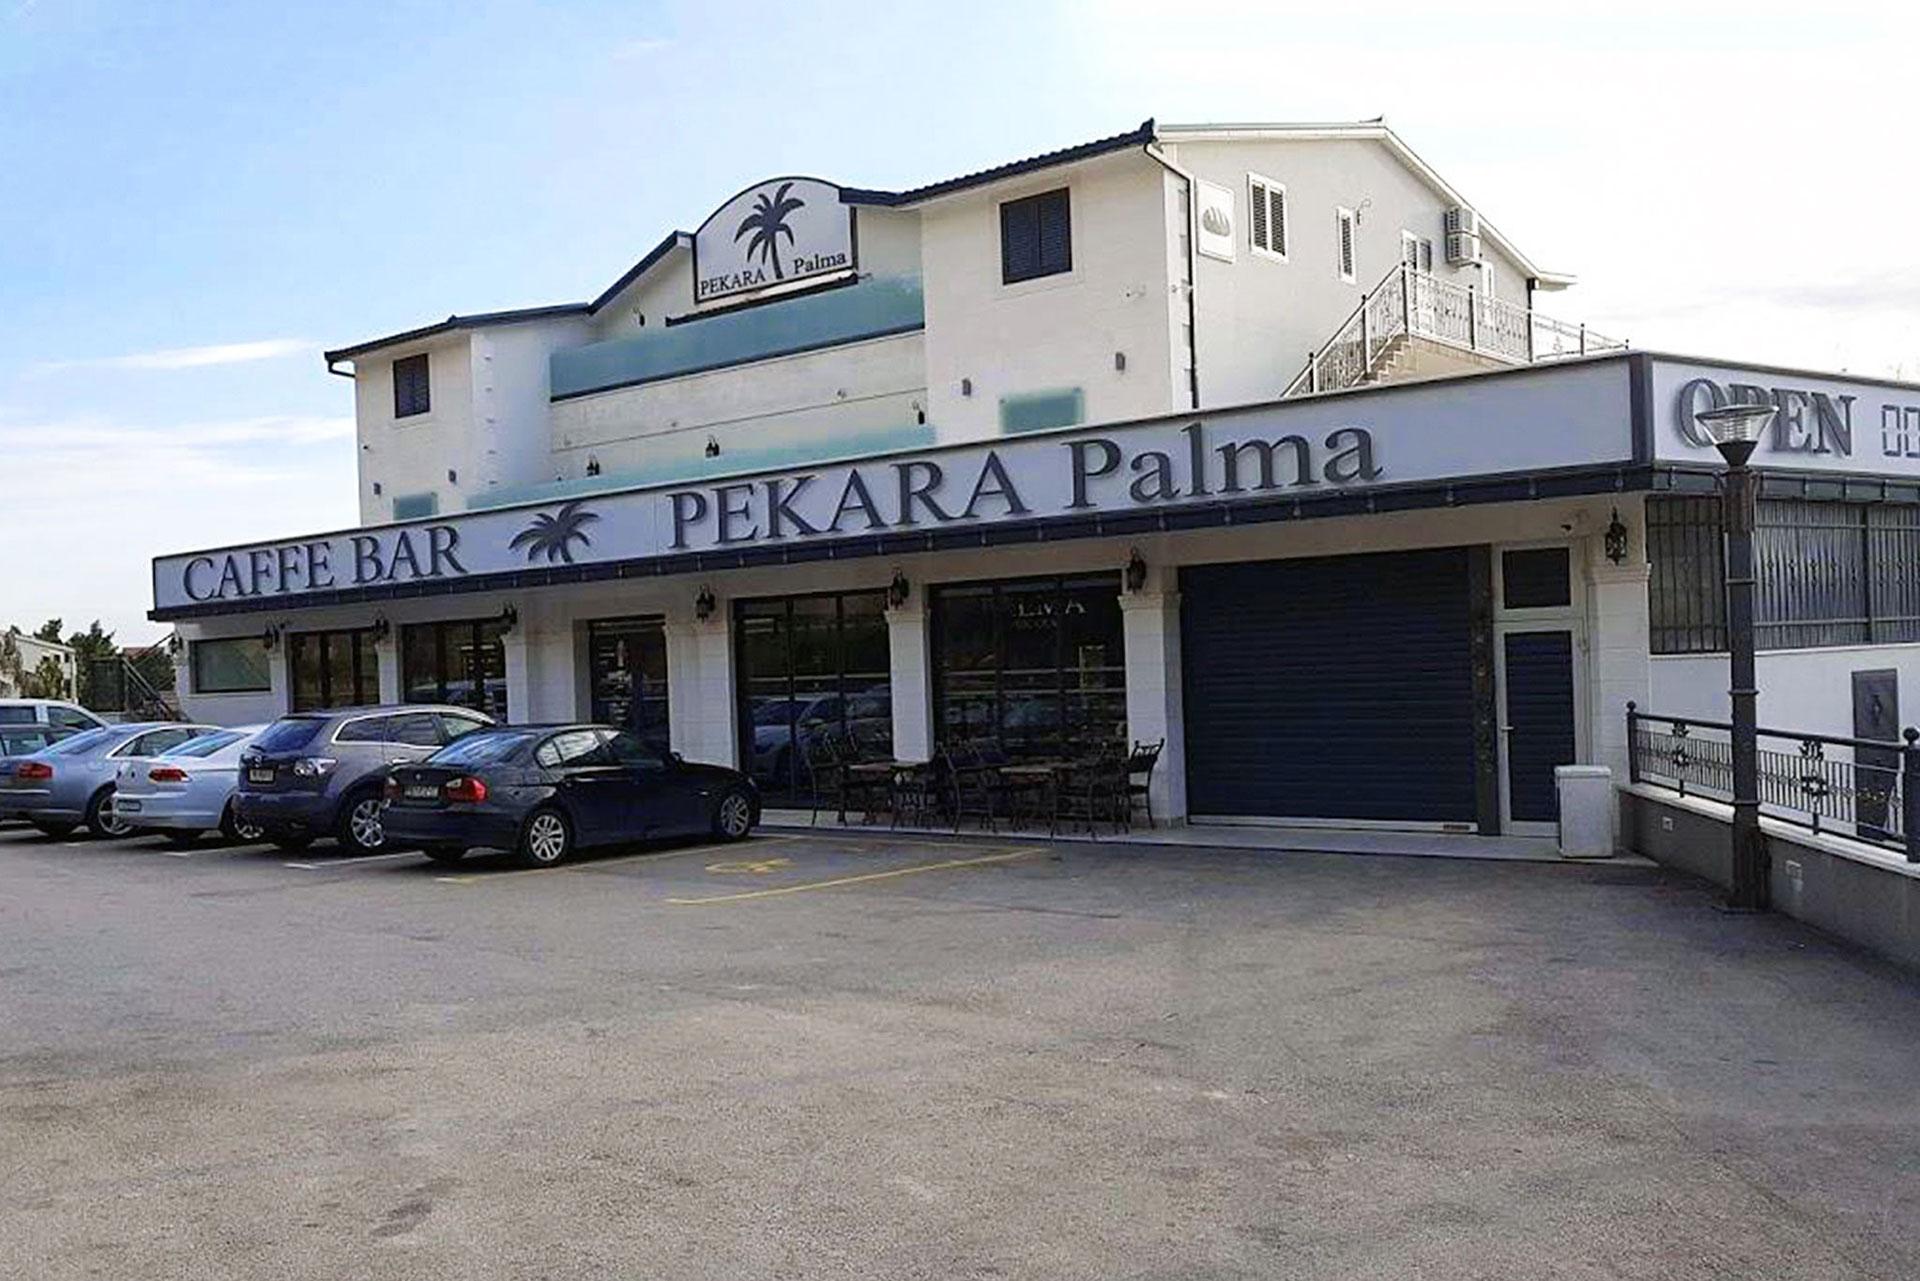 Pekara Palma